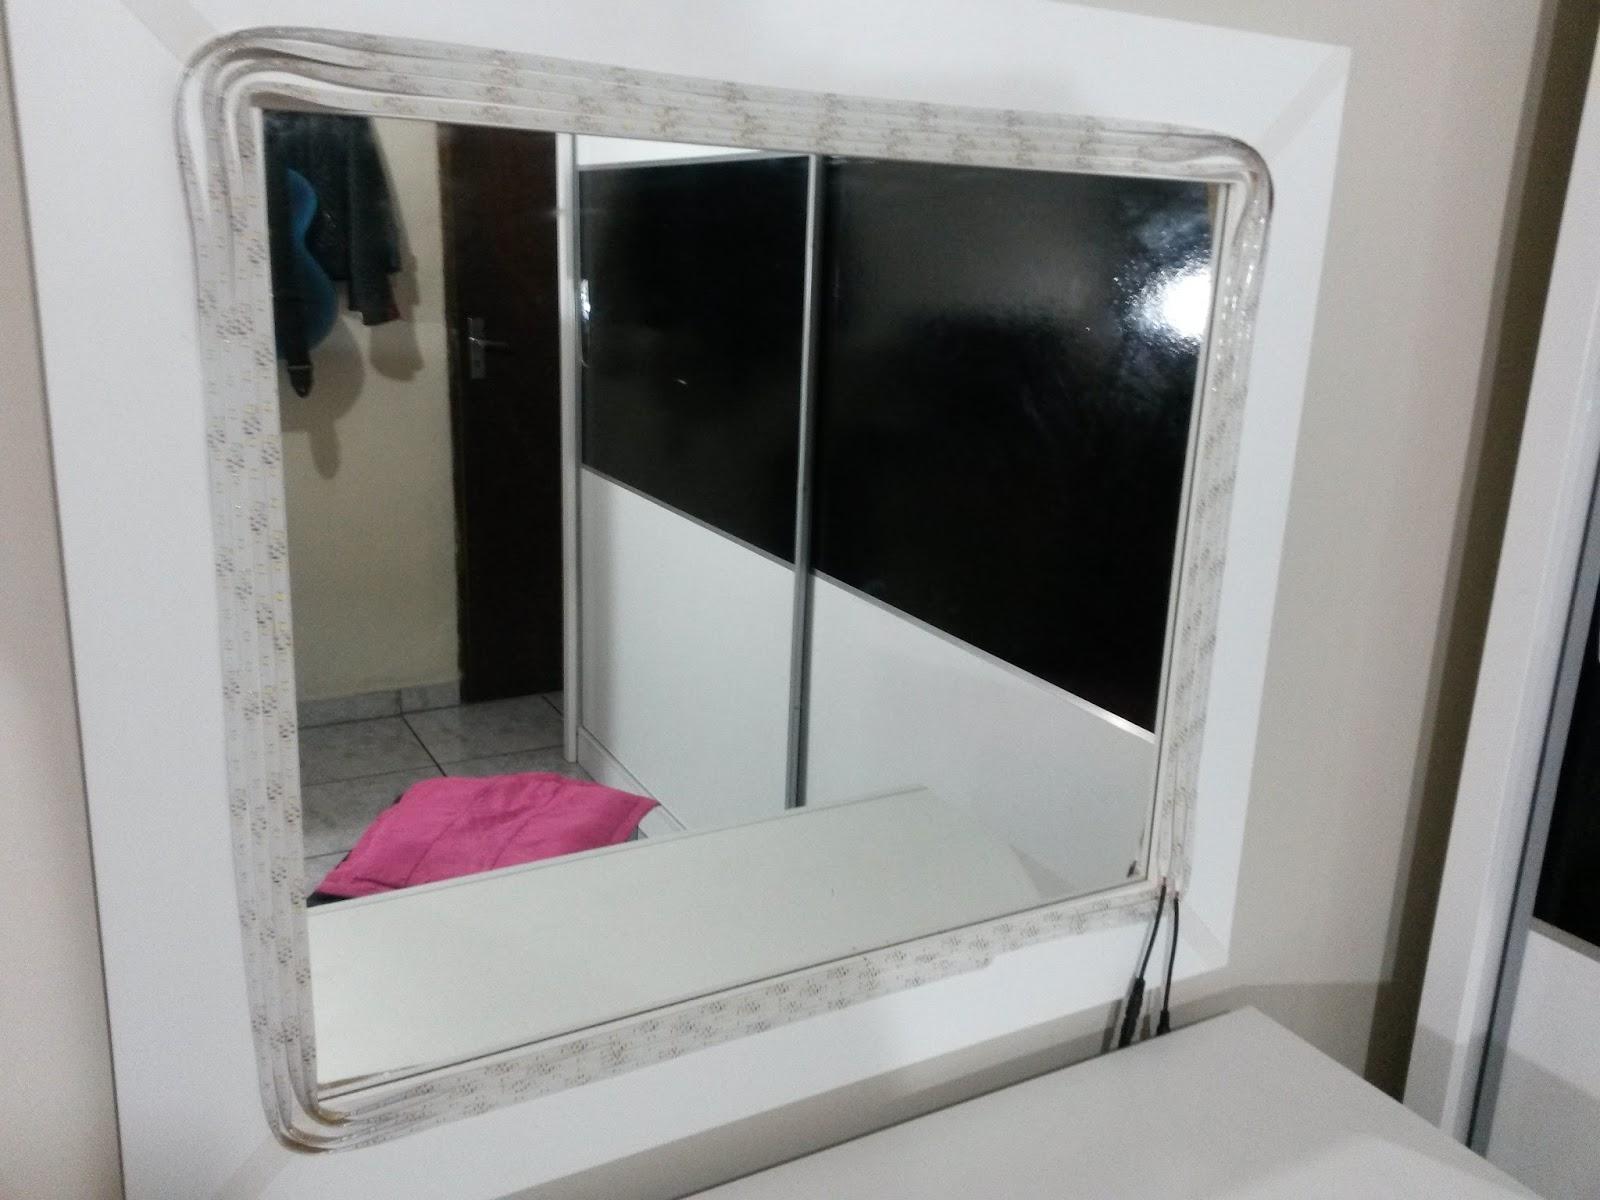 espelho camarim led